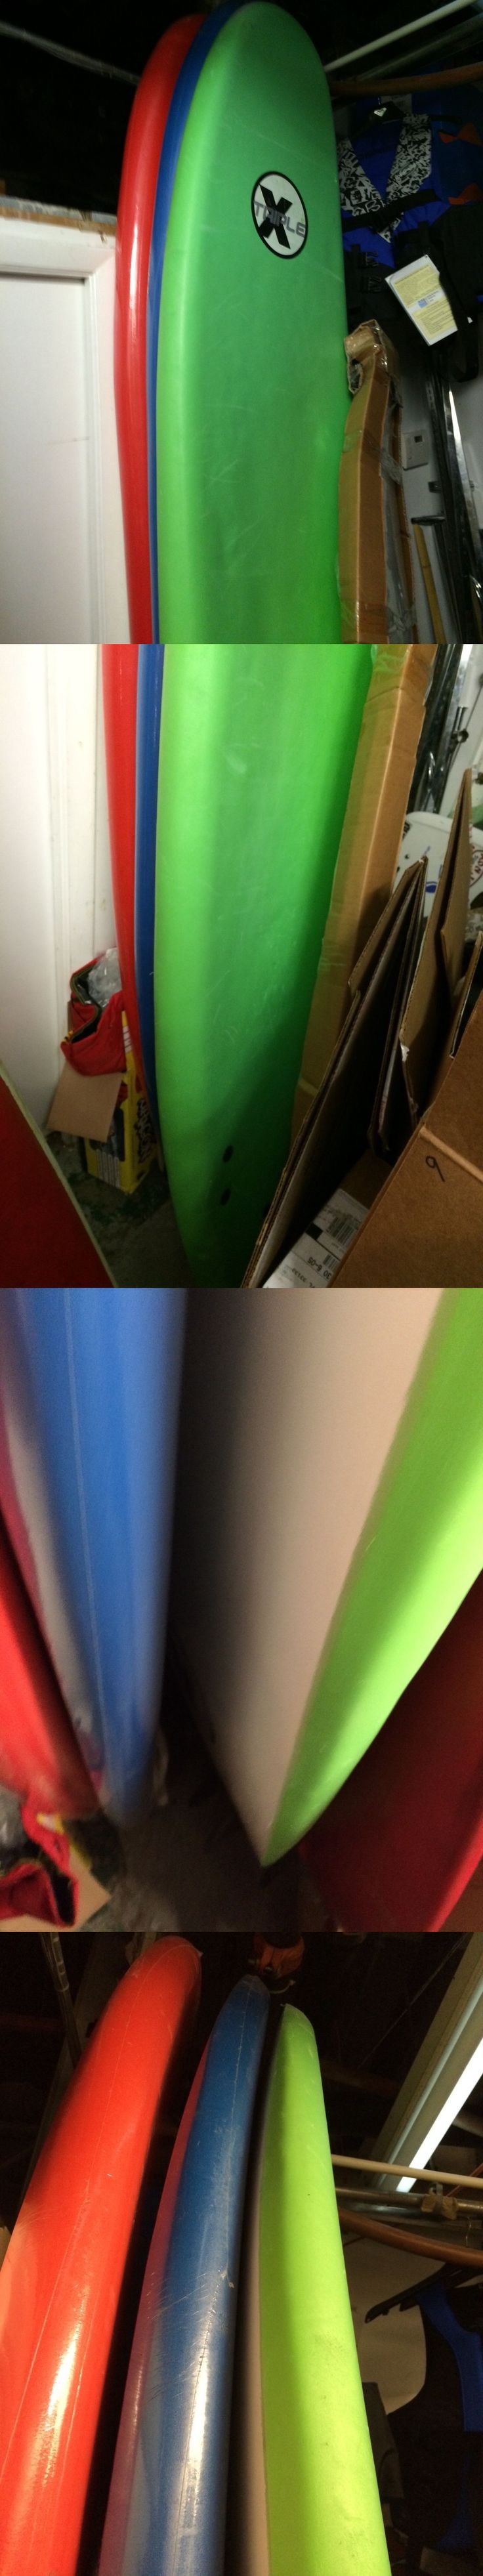 Surfboards 22710: Surfboard Foam 9 Ft New Beginner Surf Board -> BUY IT NOW ONLY: $295 on eBay!